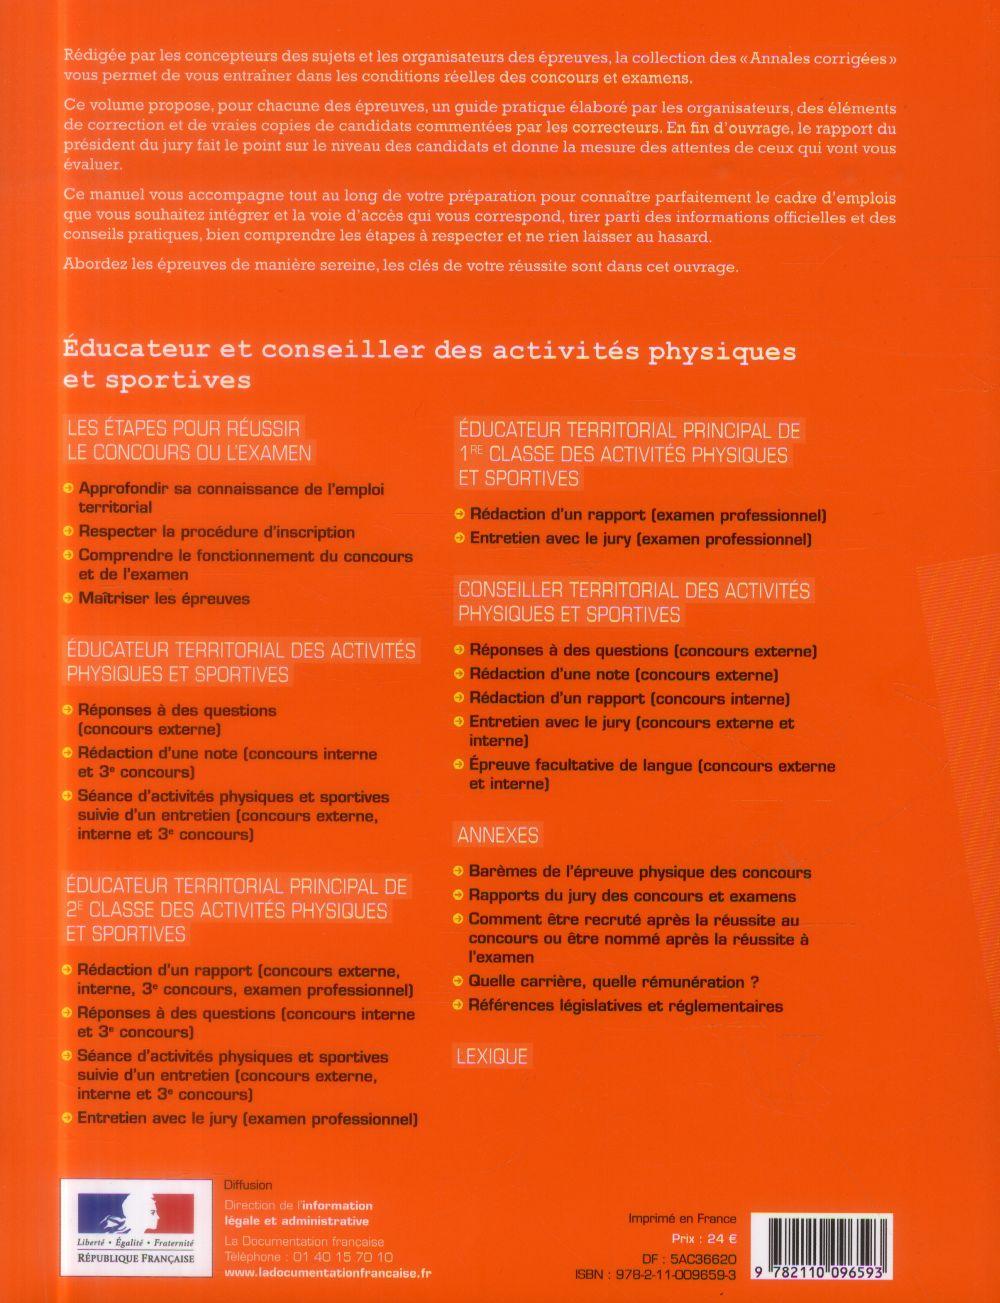 éducateur/conseiller des activités physiques et sportives ; concours et examens par avancement de grade, catégorie A et B (édition 2015-2016)